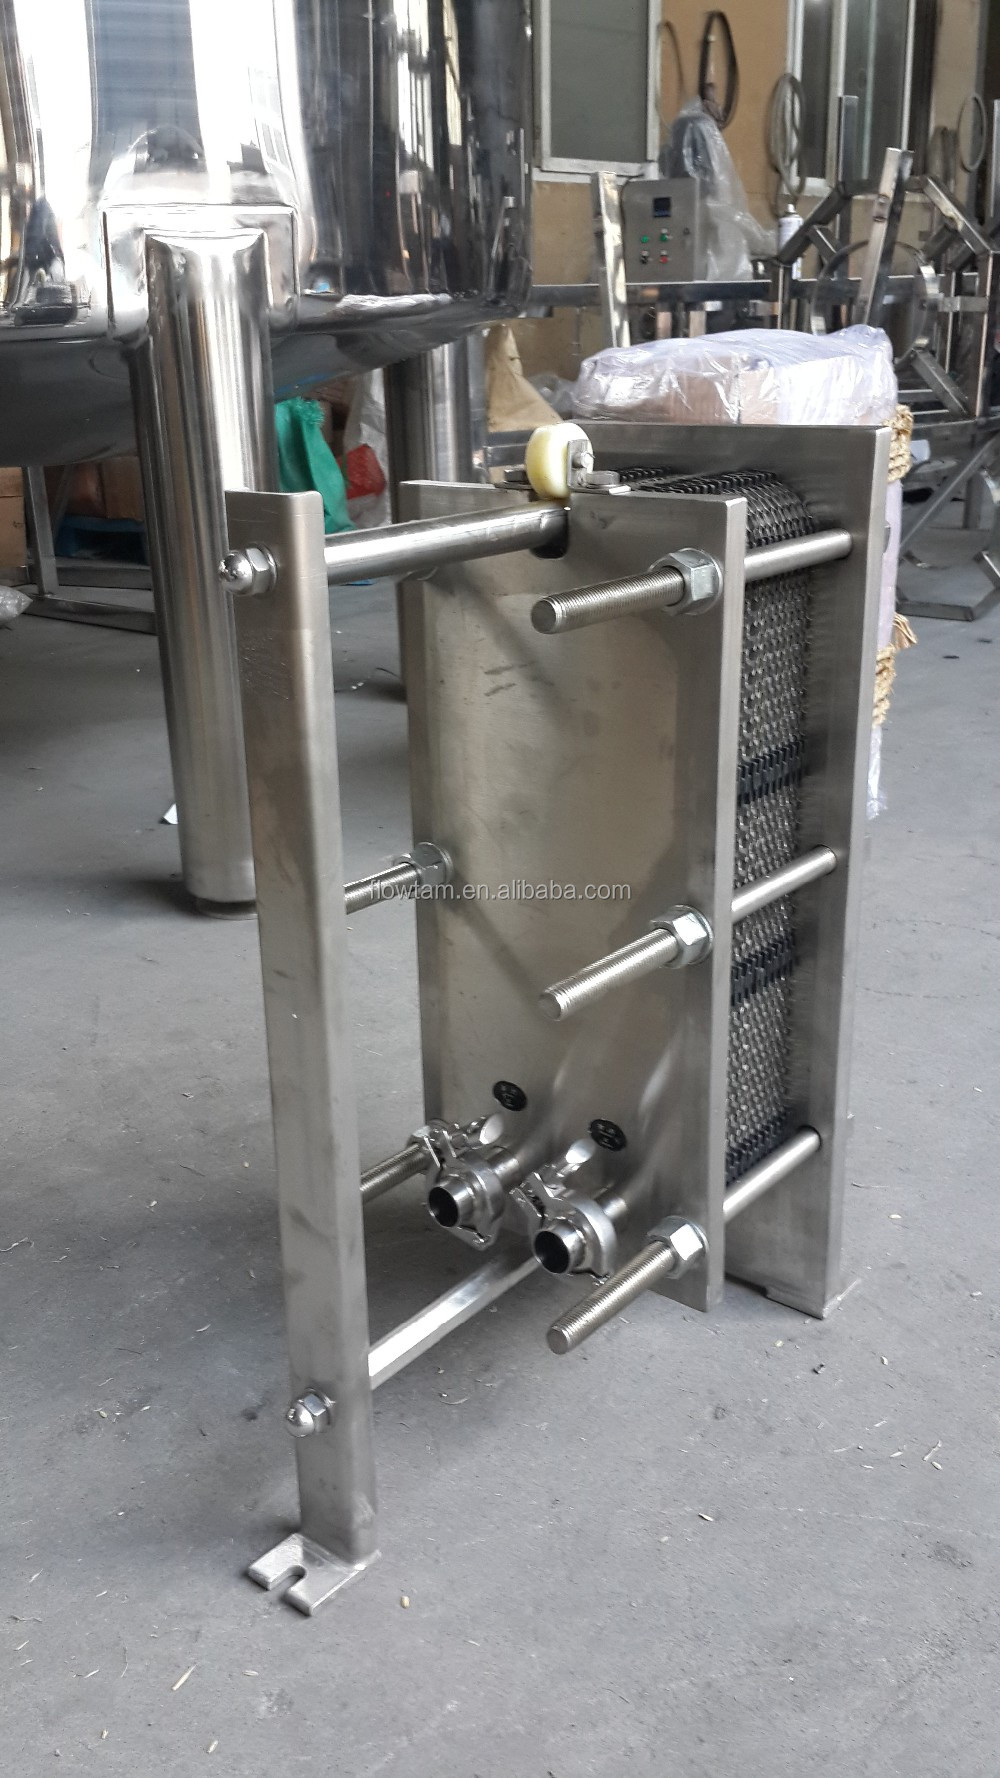 Heat Exchanger For Milk Pasteurization, Heat Exchanger For Milk ...